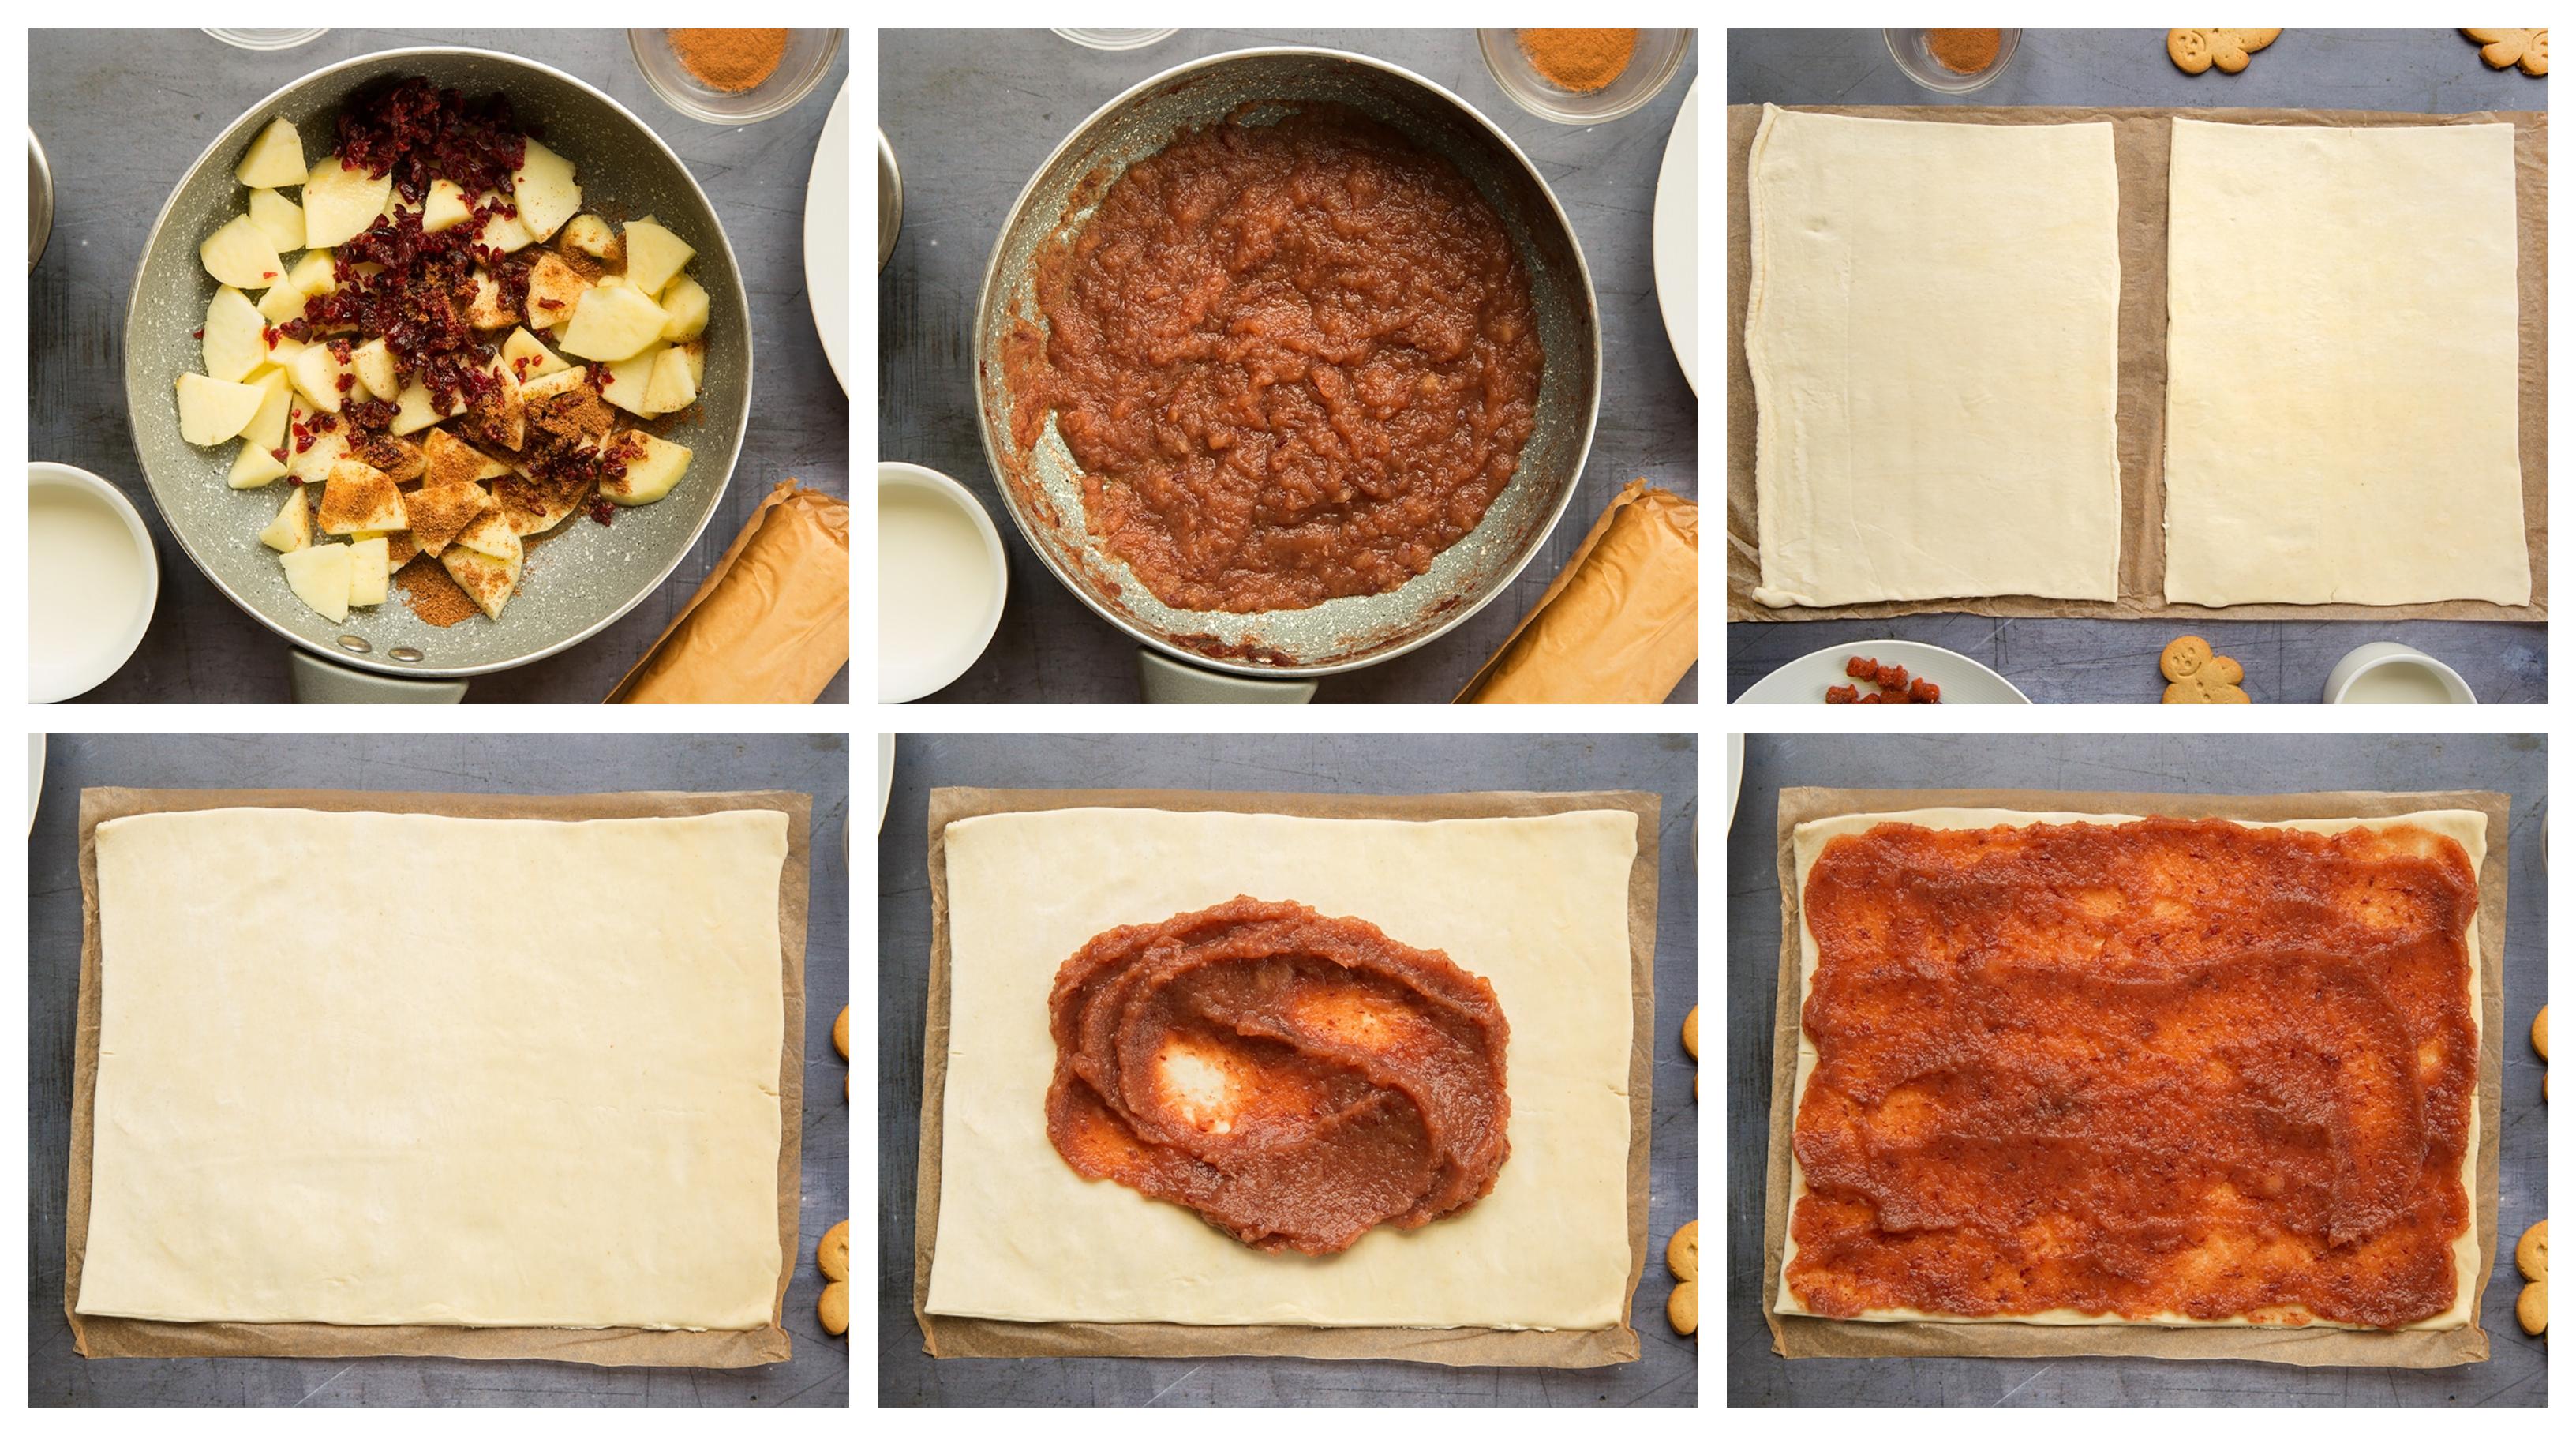 como hacer empanadas dulces con manzanas y masa de hojaldre paso a paso, árbol de navidad de hojaldre en fotos